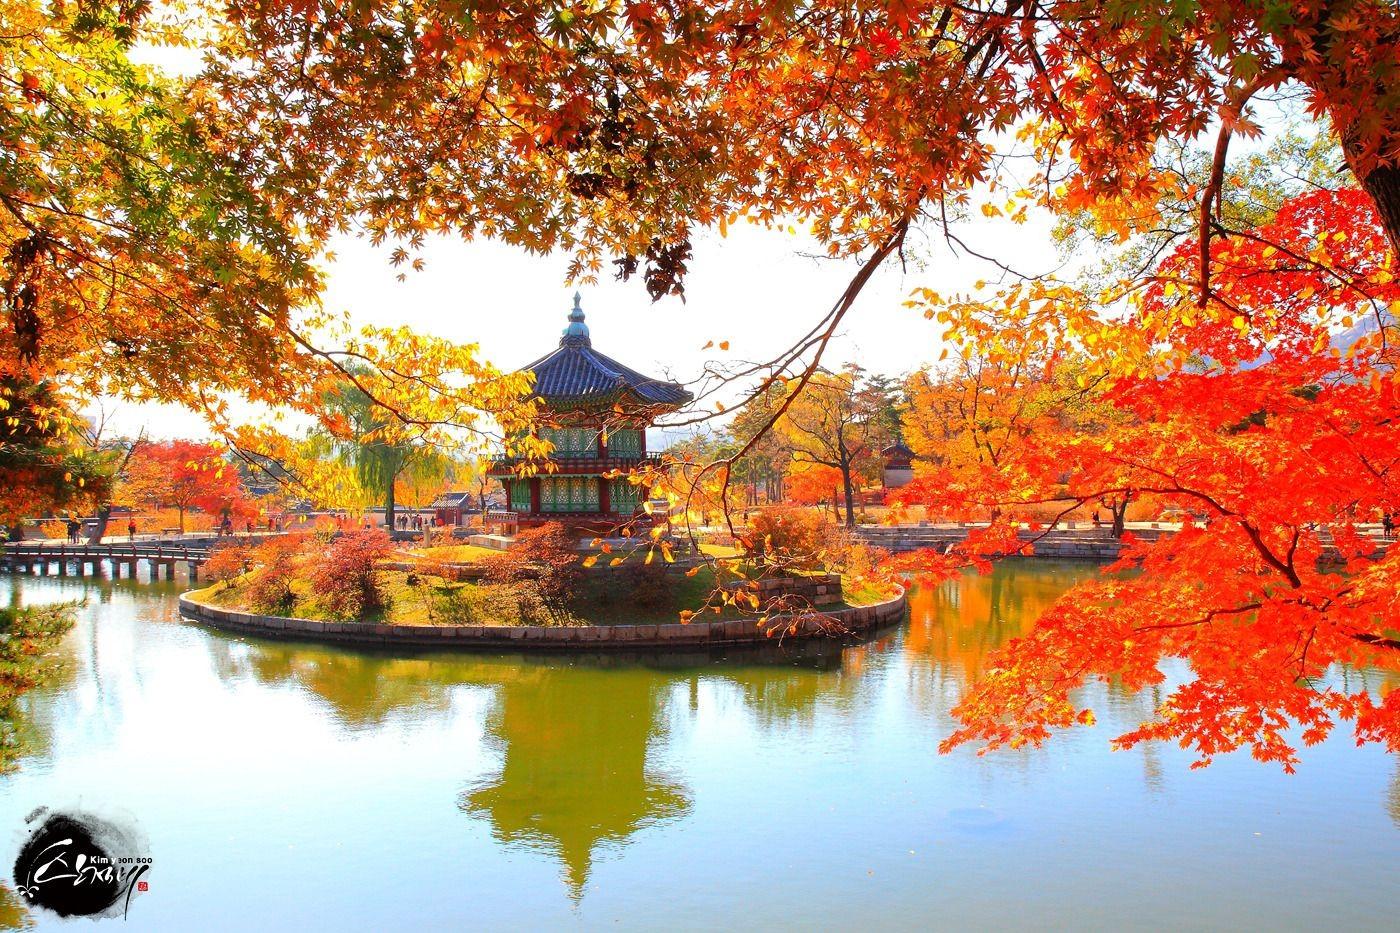 Đất nước Hàn Quốc xinh đẹp